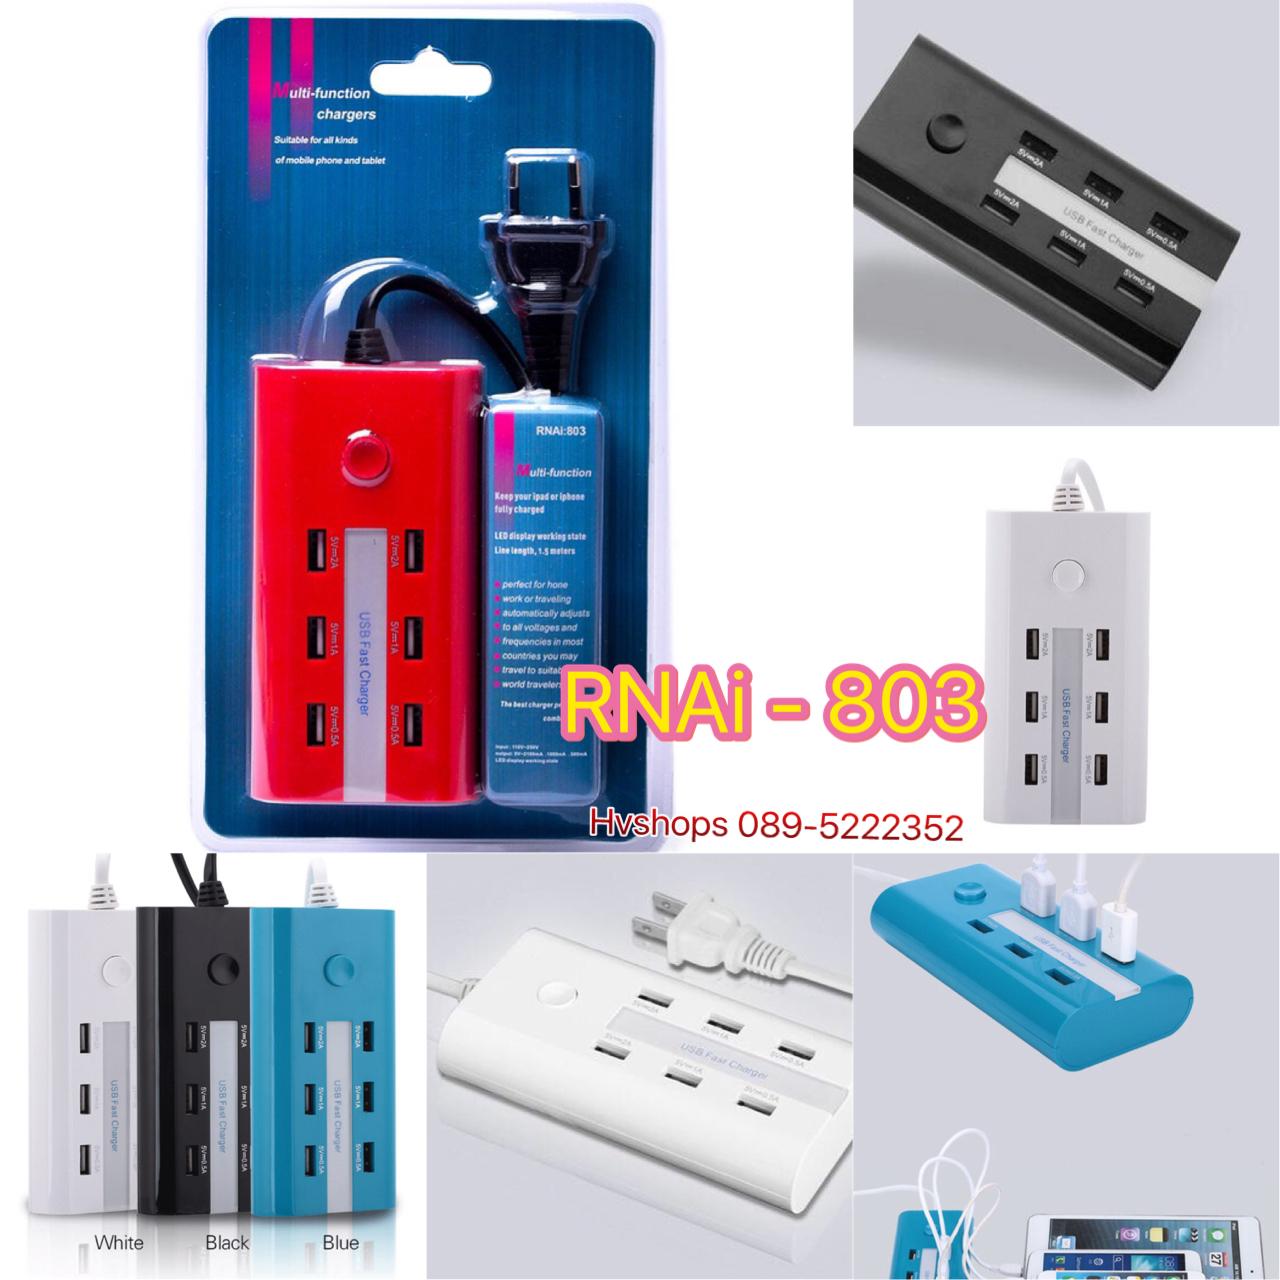 รางไฟ ปลั๊กพ่วง USB 6 ช่อง รุ่น RNAi-803